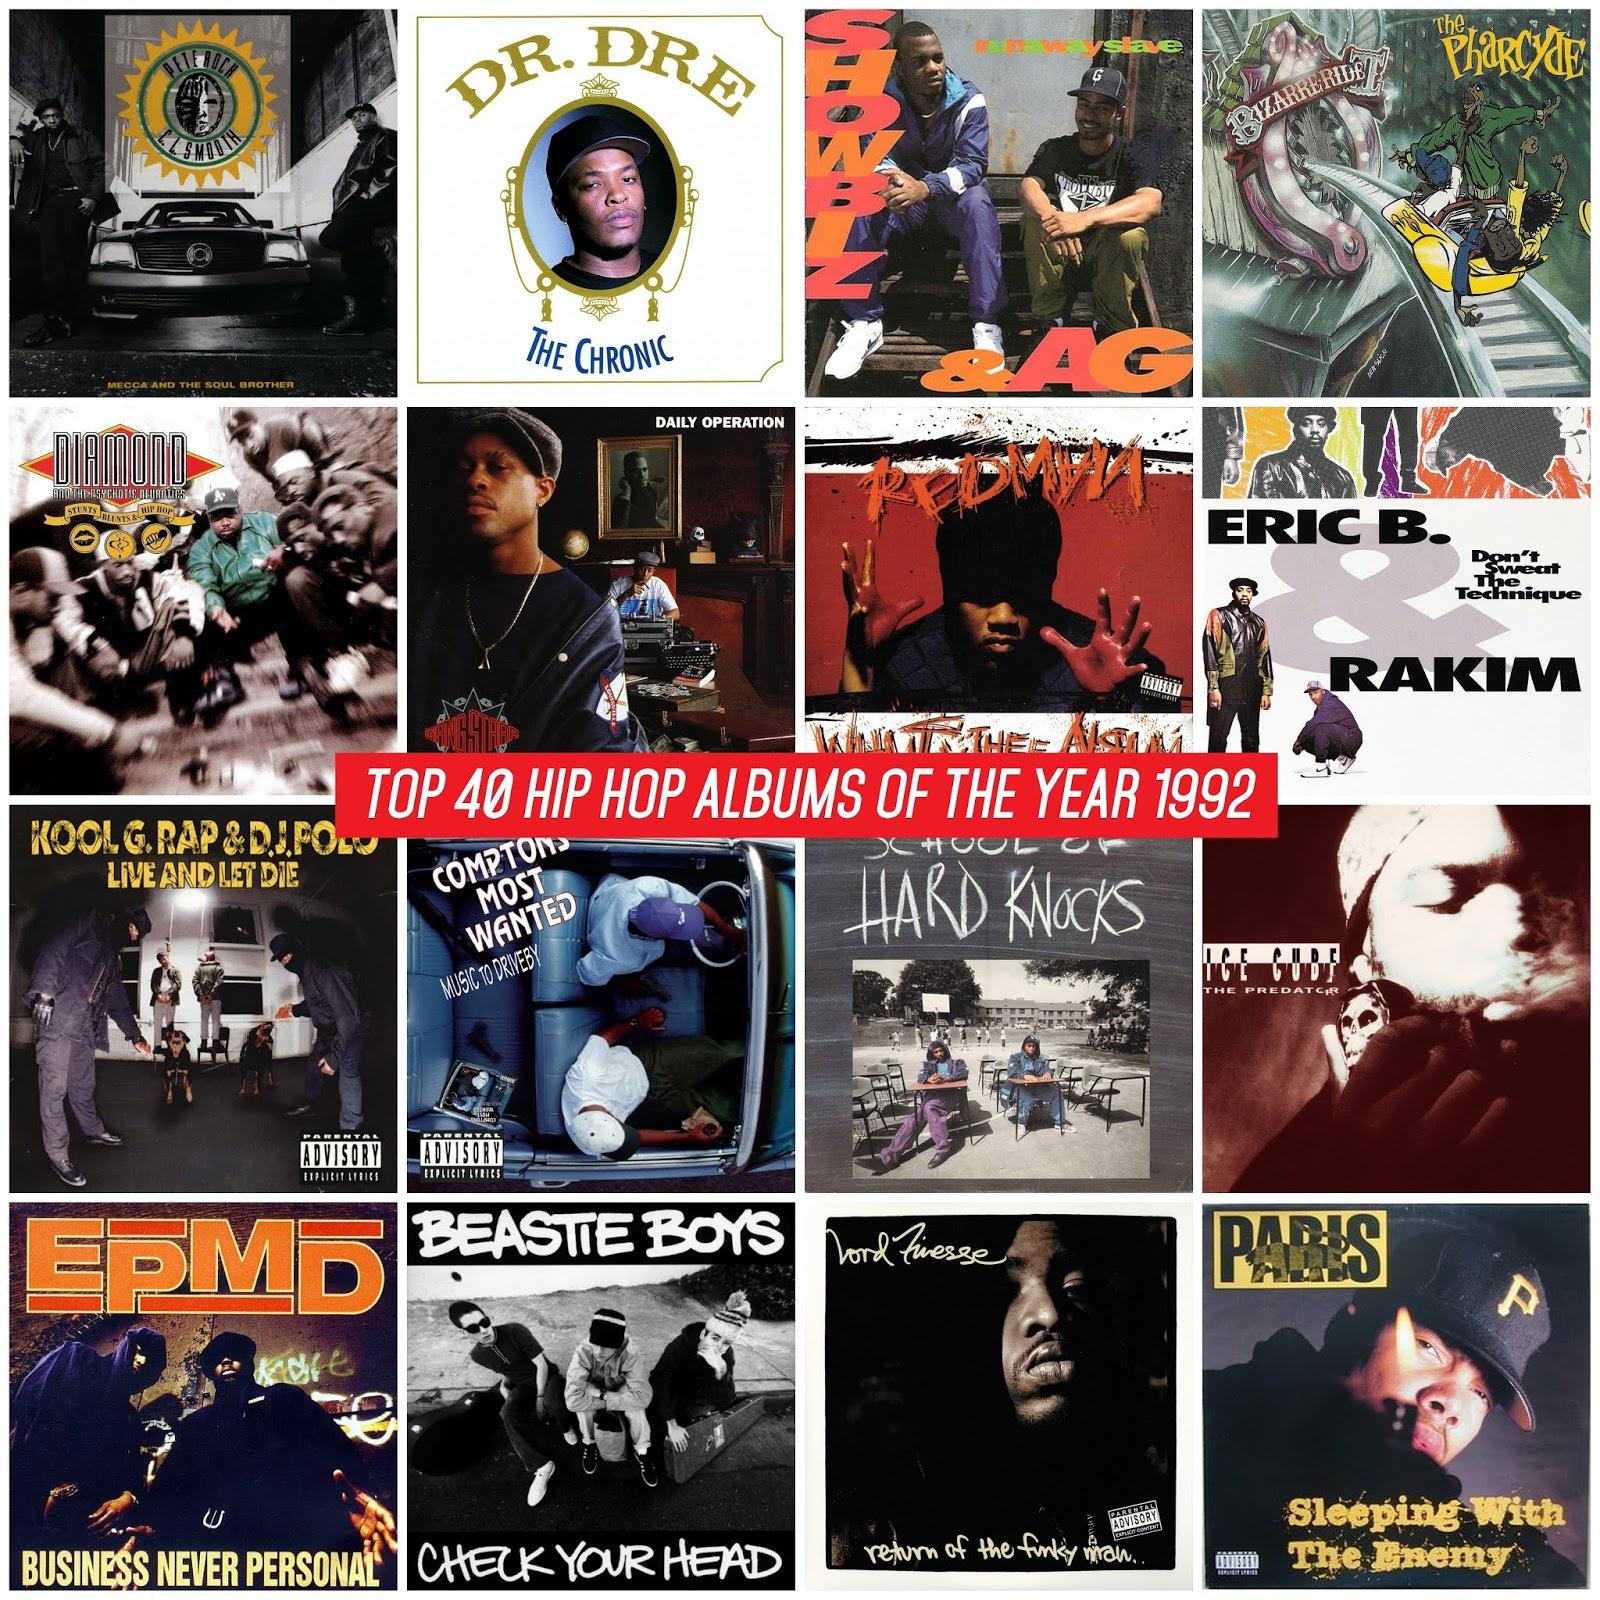 d0a02c71bb4 Los mejores álbumes del año 1992 según la página Hip-Hop Golden Age. Si  quieres saber las razones y las canciones favoritas de cada álbum visita el  ...